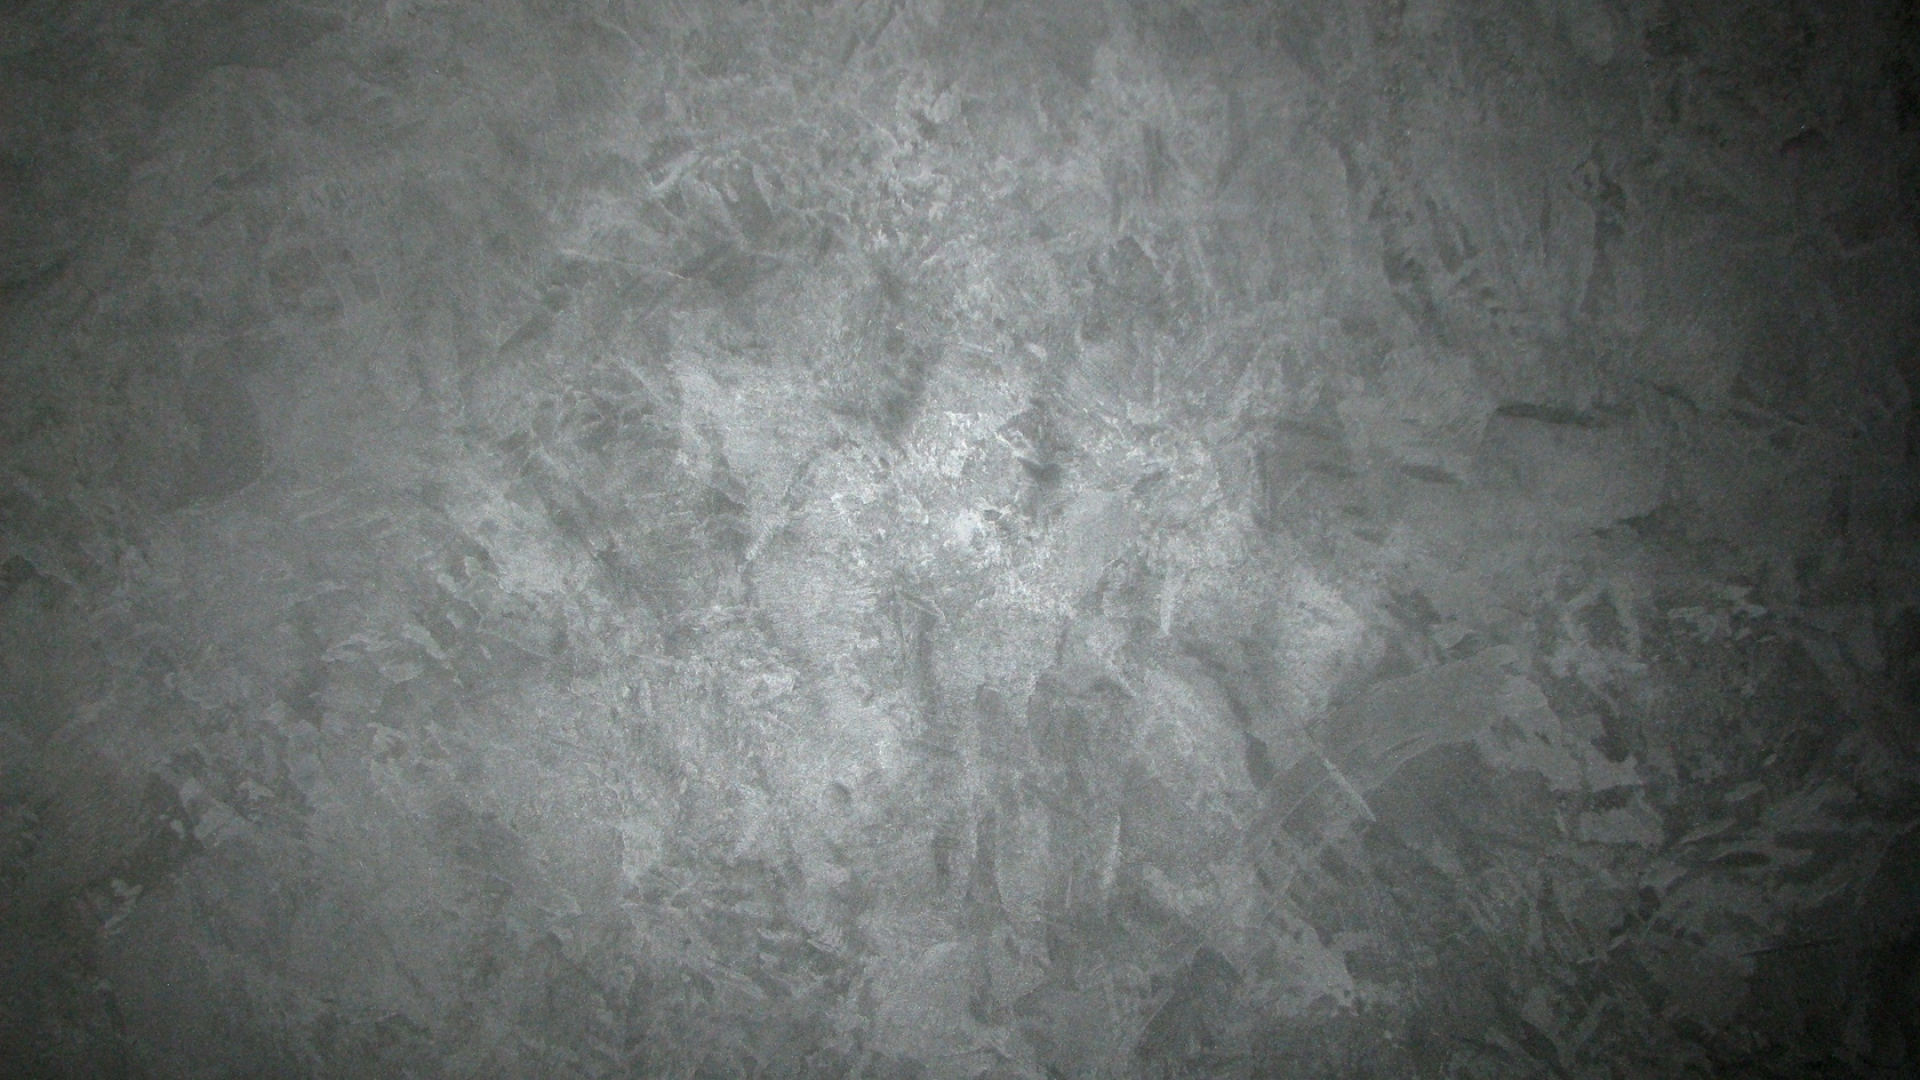 download wallpaper 1920x1080 surface gray spot light